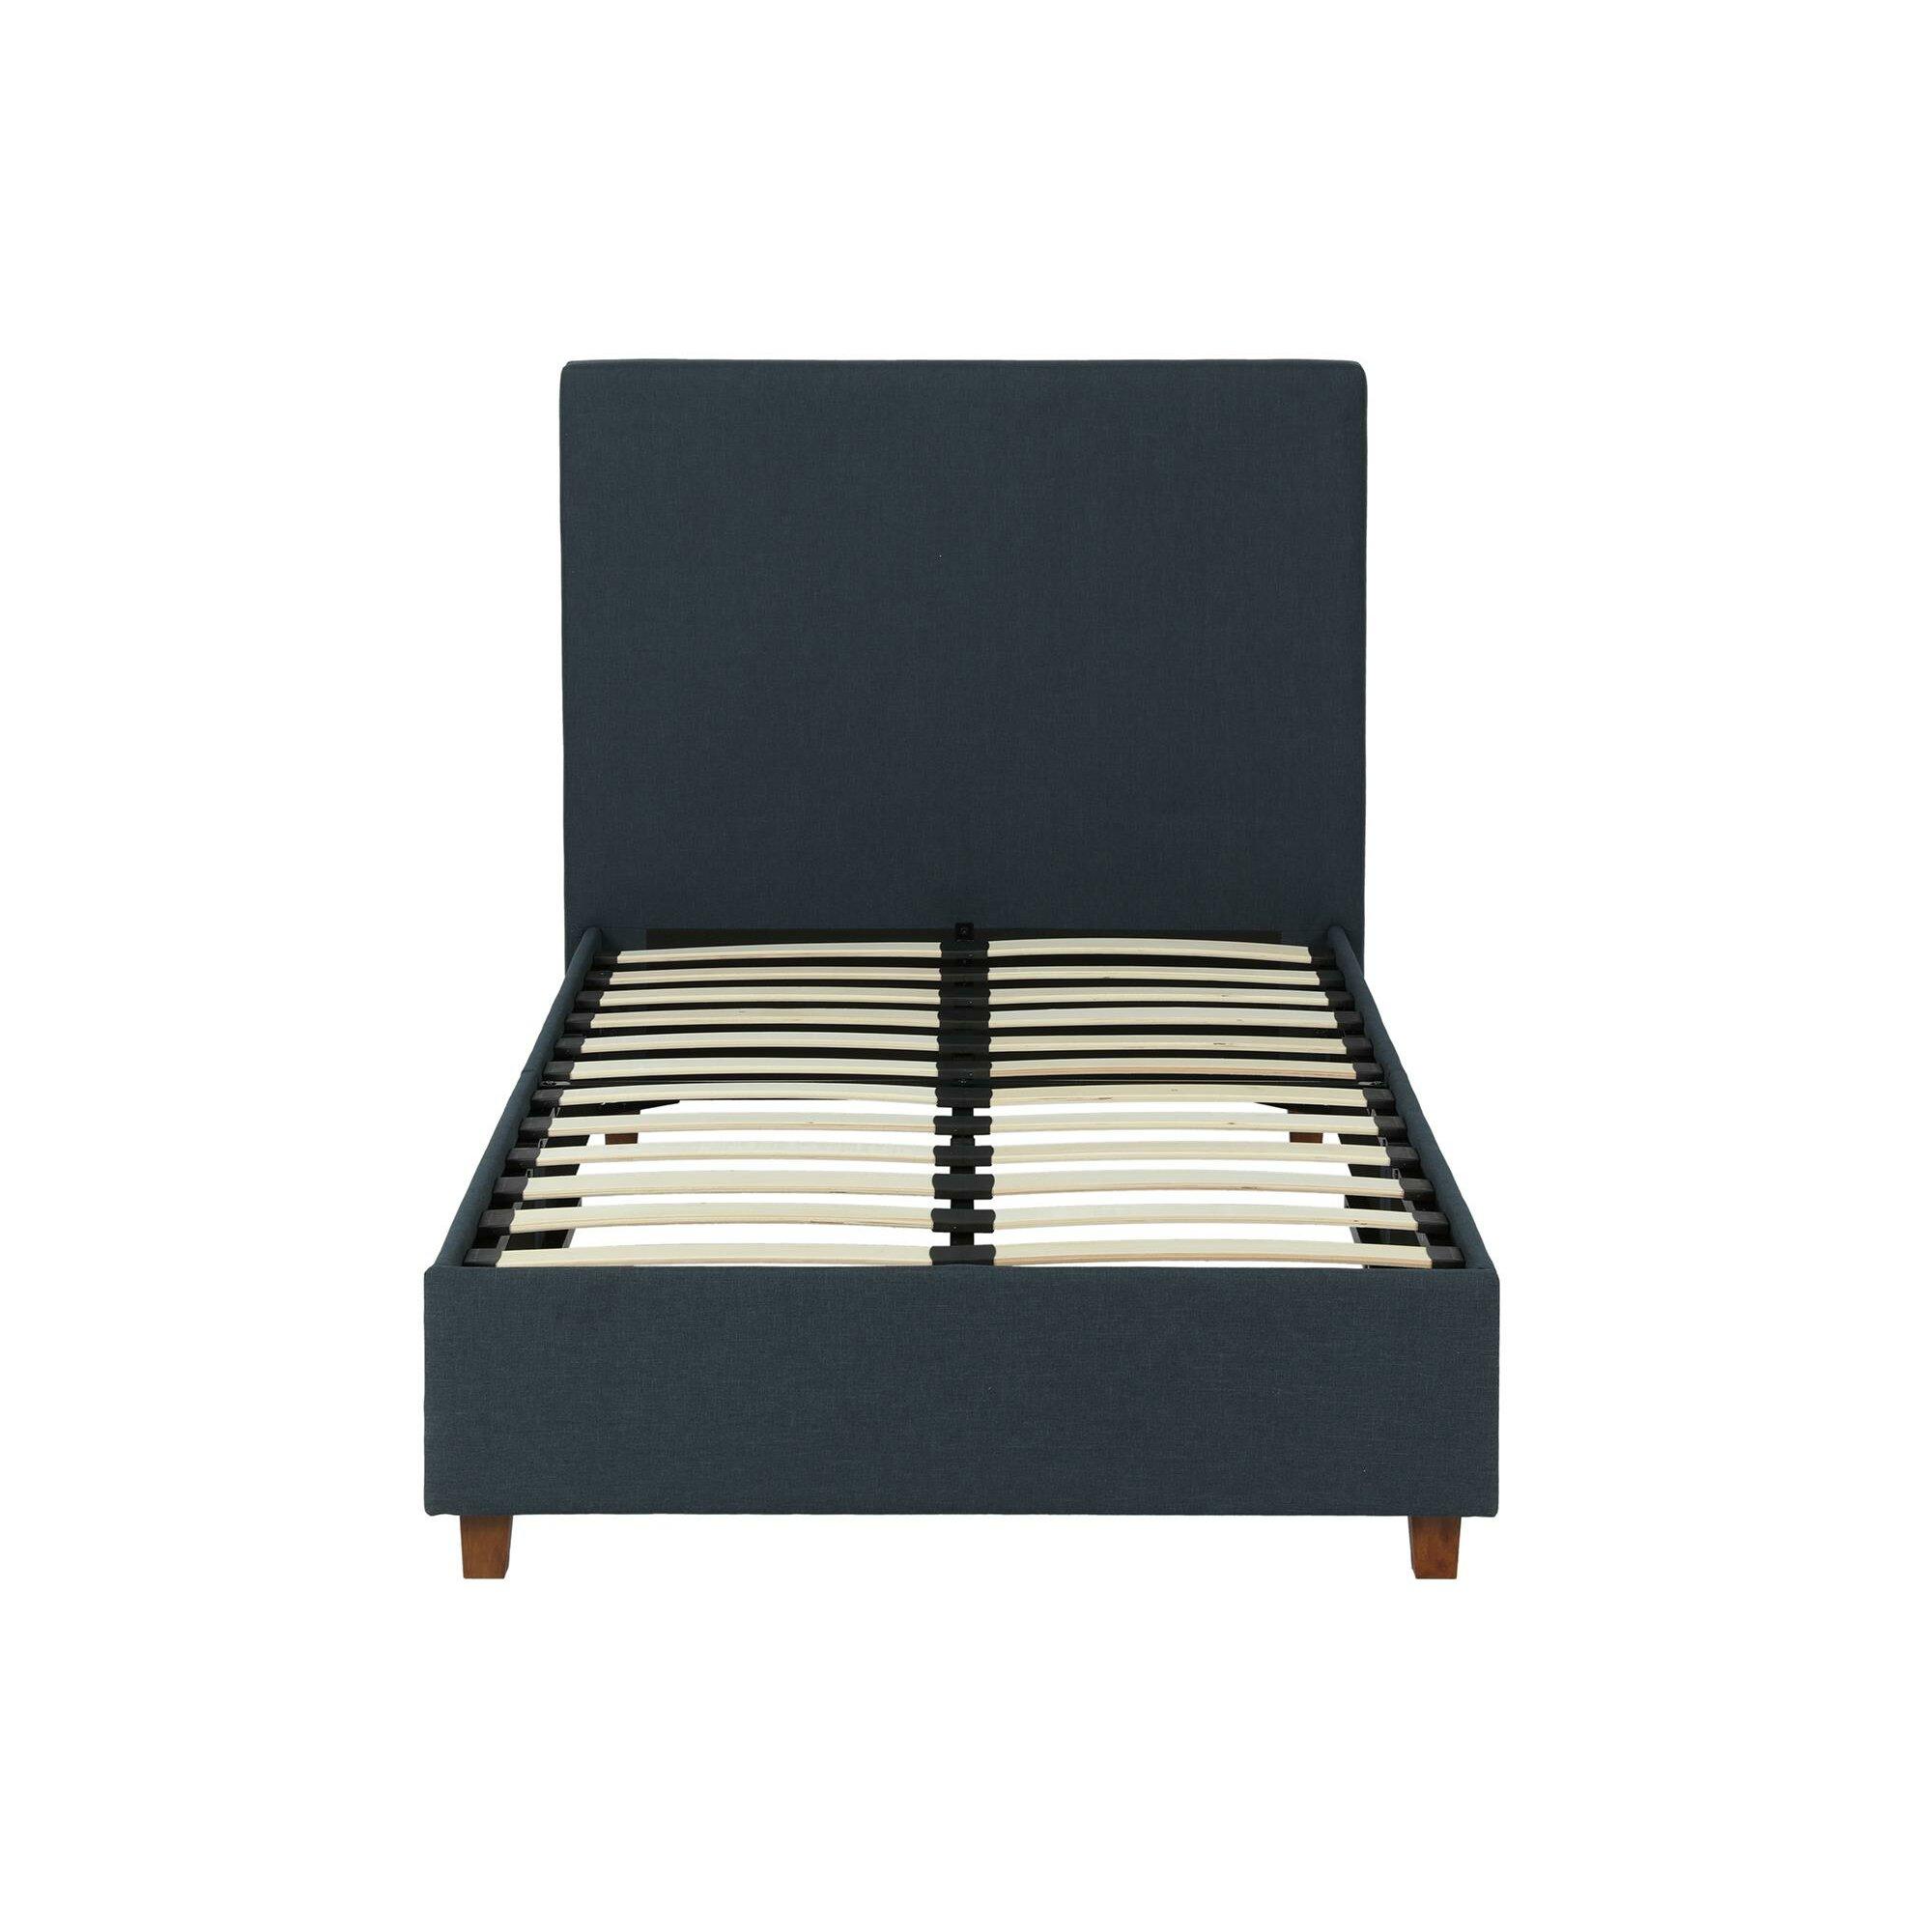 Varick Gallery Evanston Twin Upholstered Platform Bed